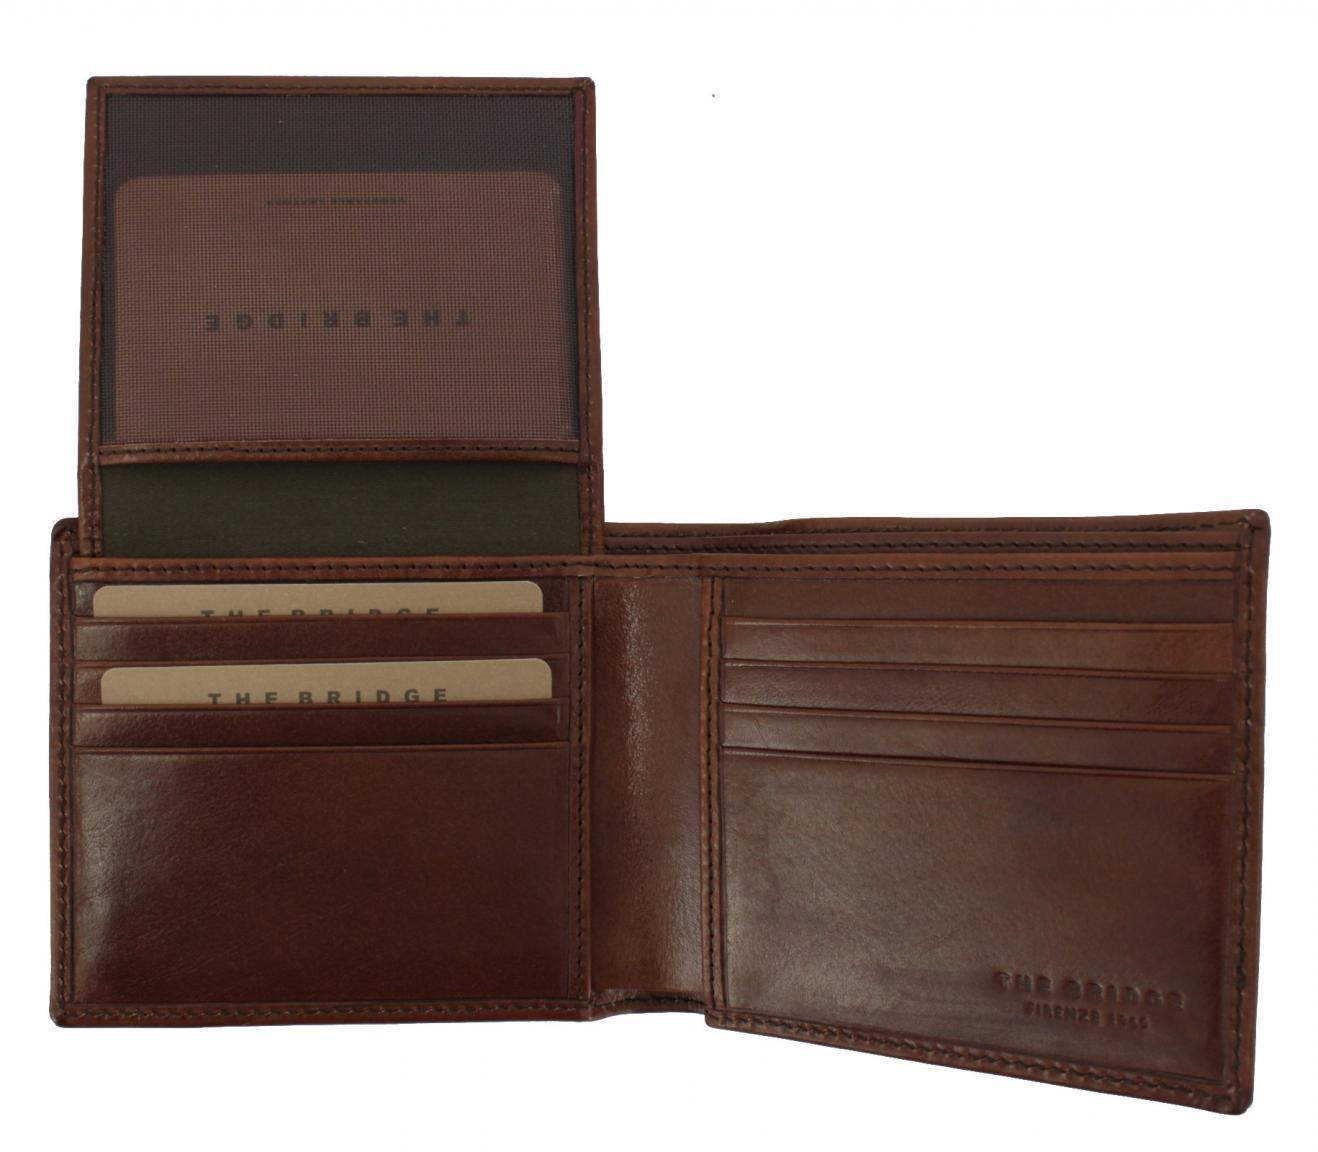 Brieftasche ohne Münzfach dunkelbraun The Bridge Story